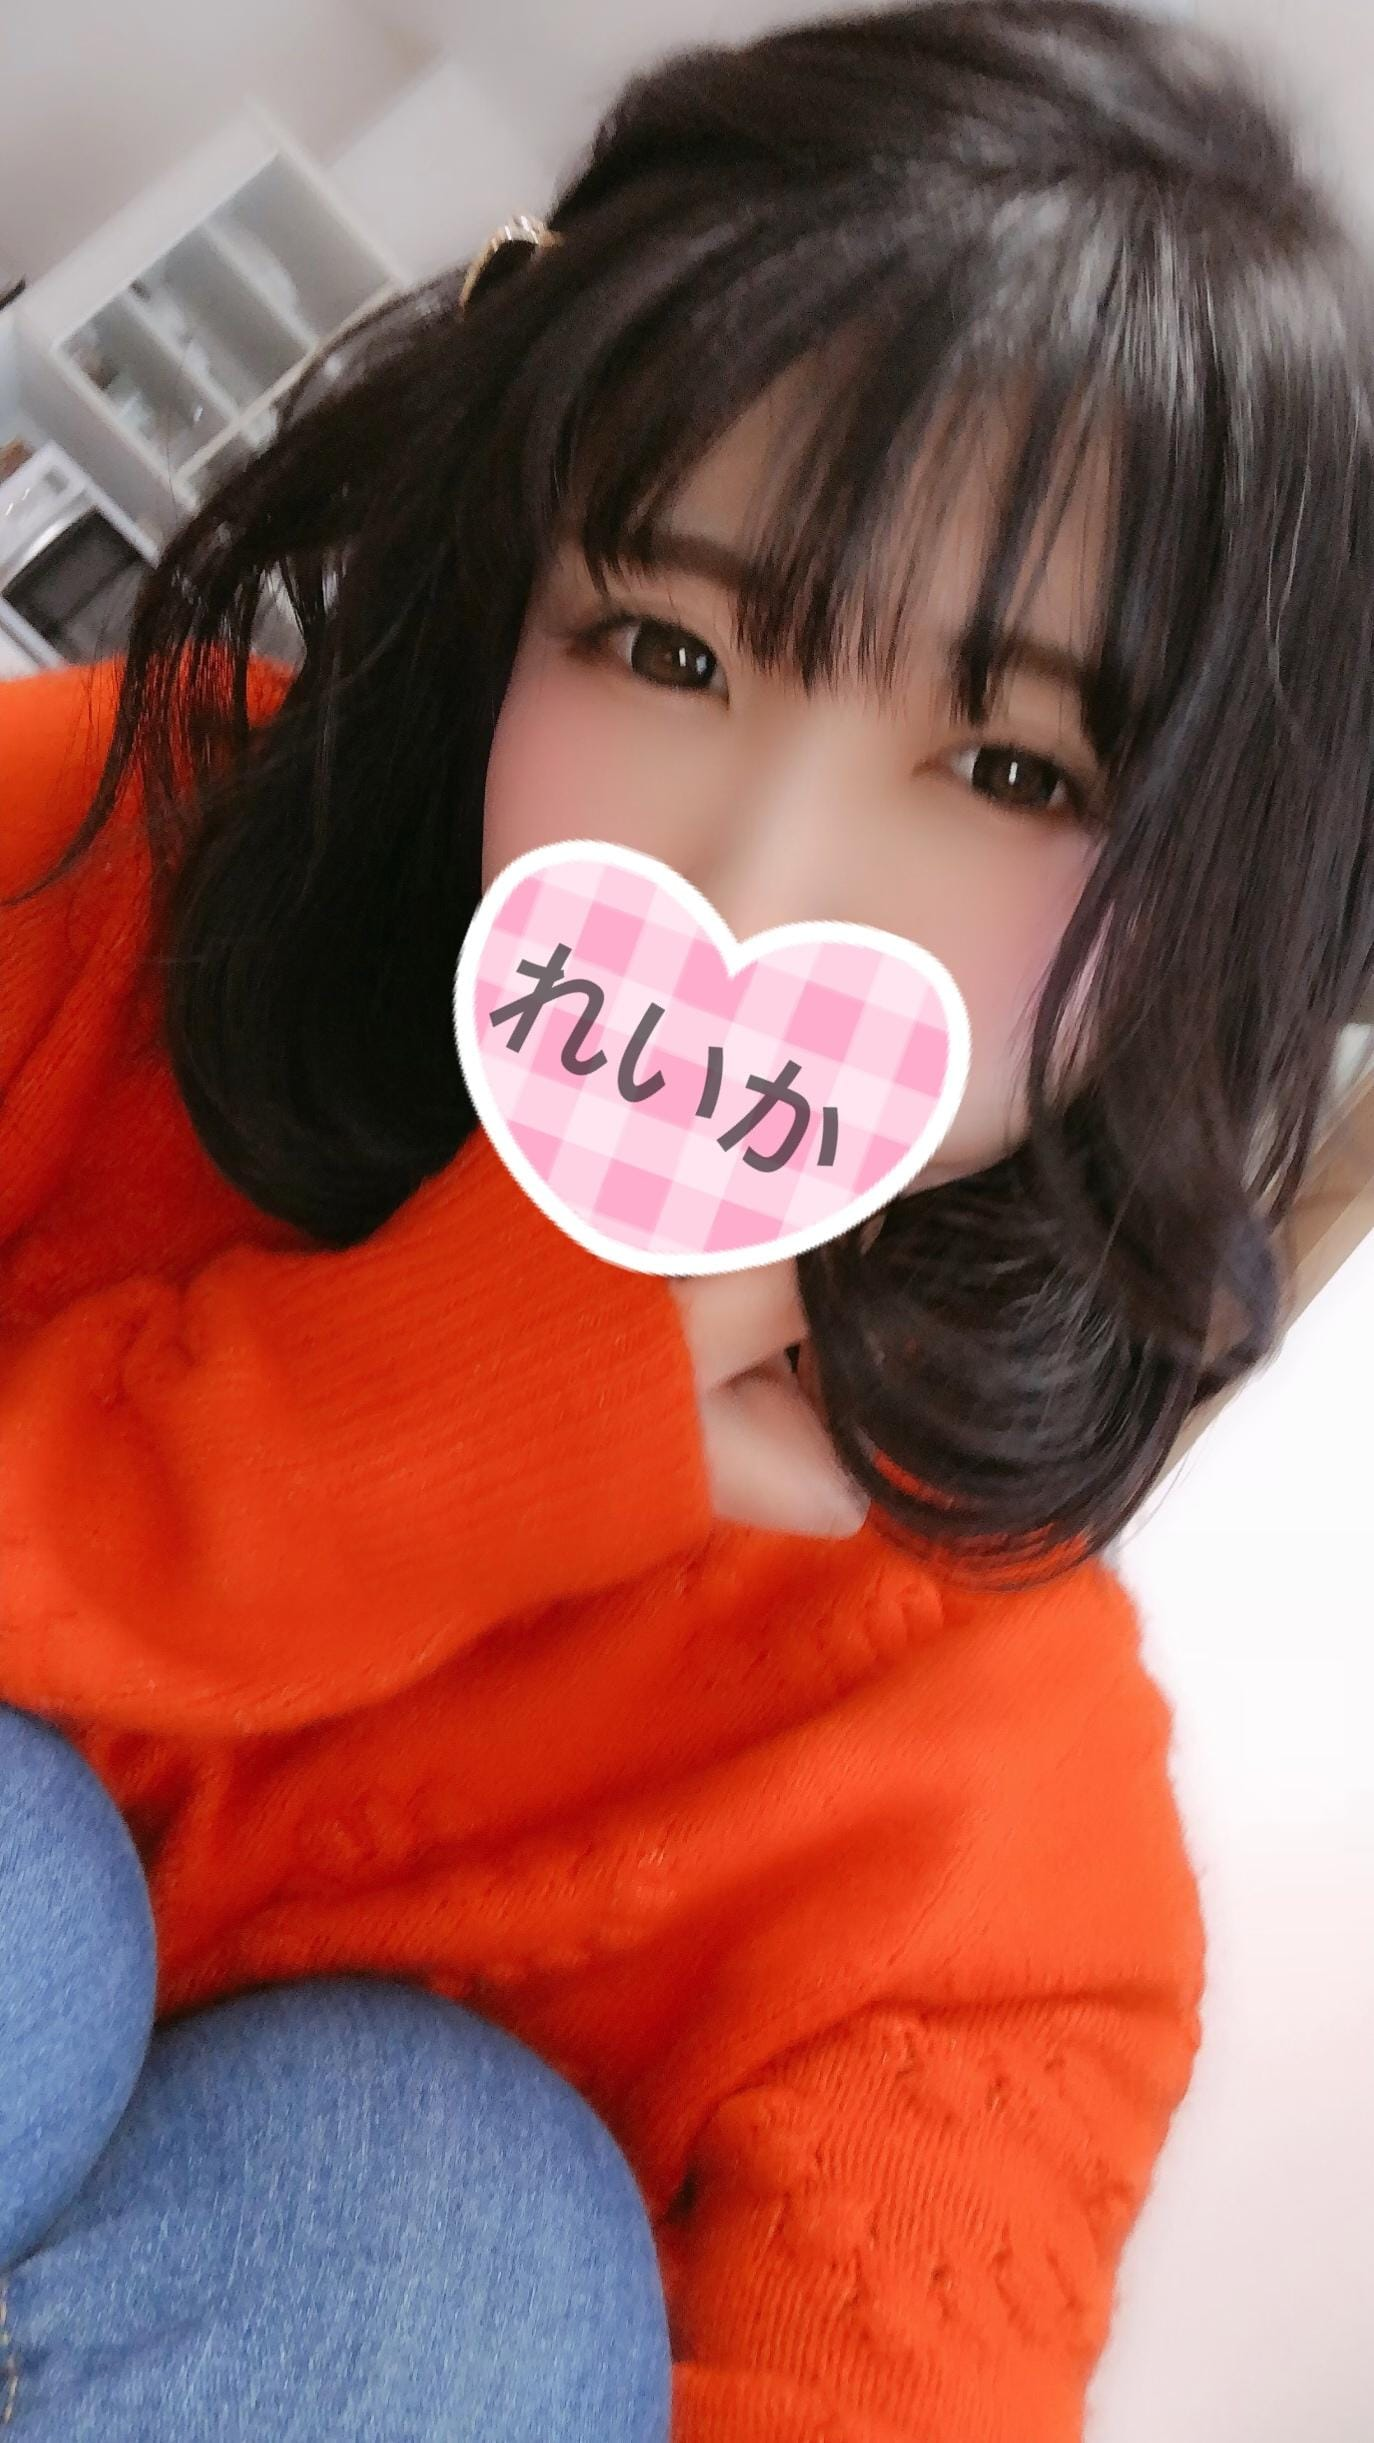 「勝負下着は…」02/23(土) 14:20 | れいかの写メ・風俗動画